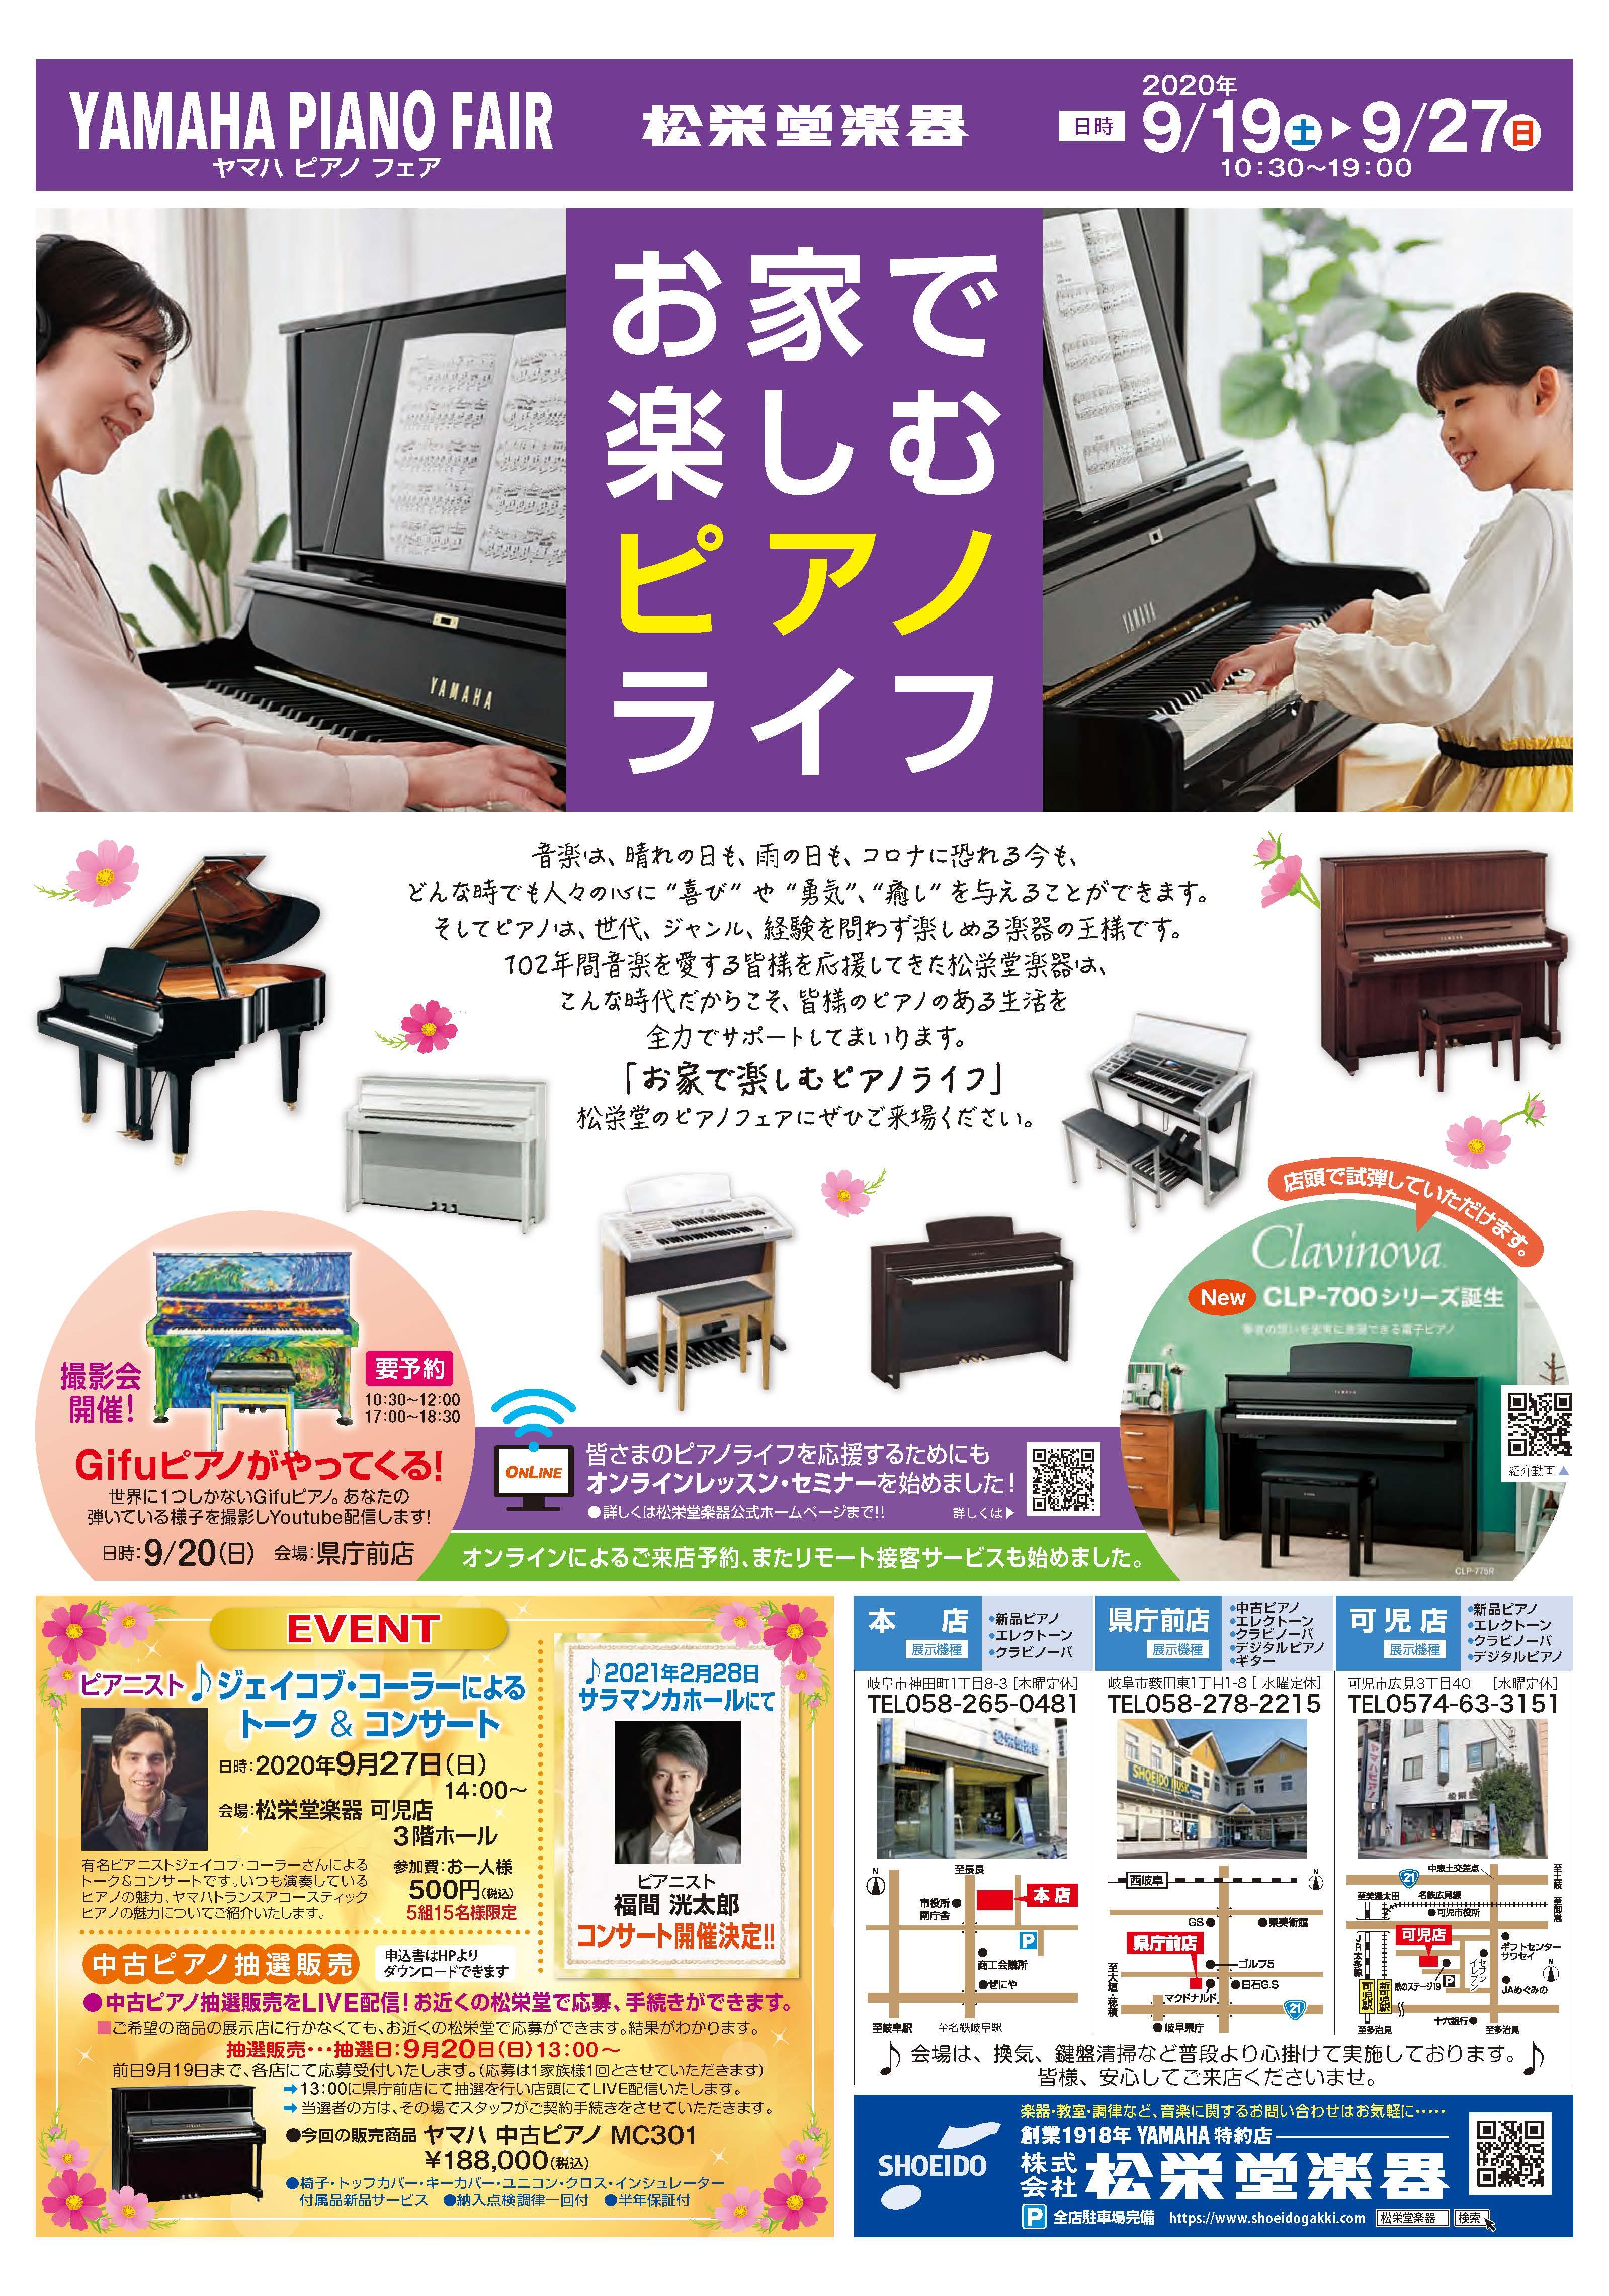 ヤマハピアノフェア202009